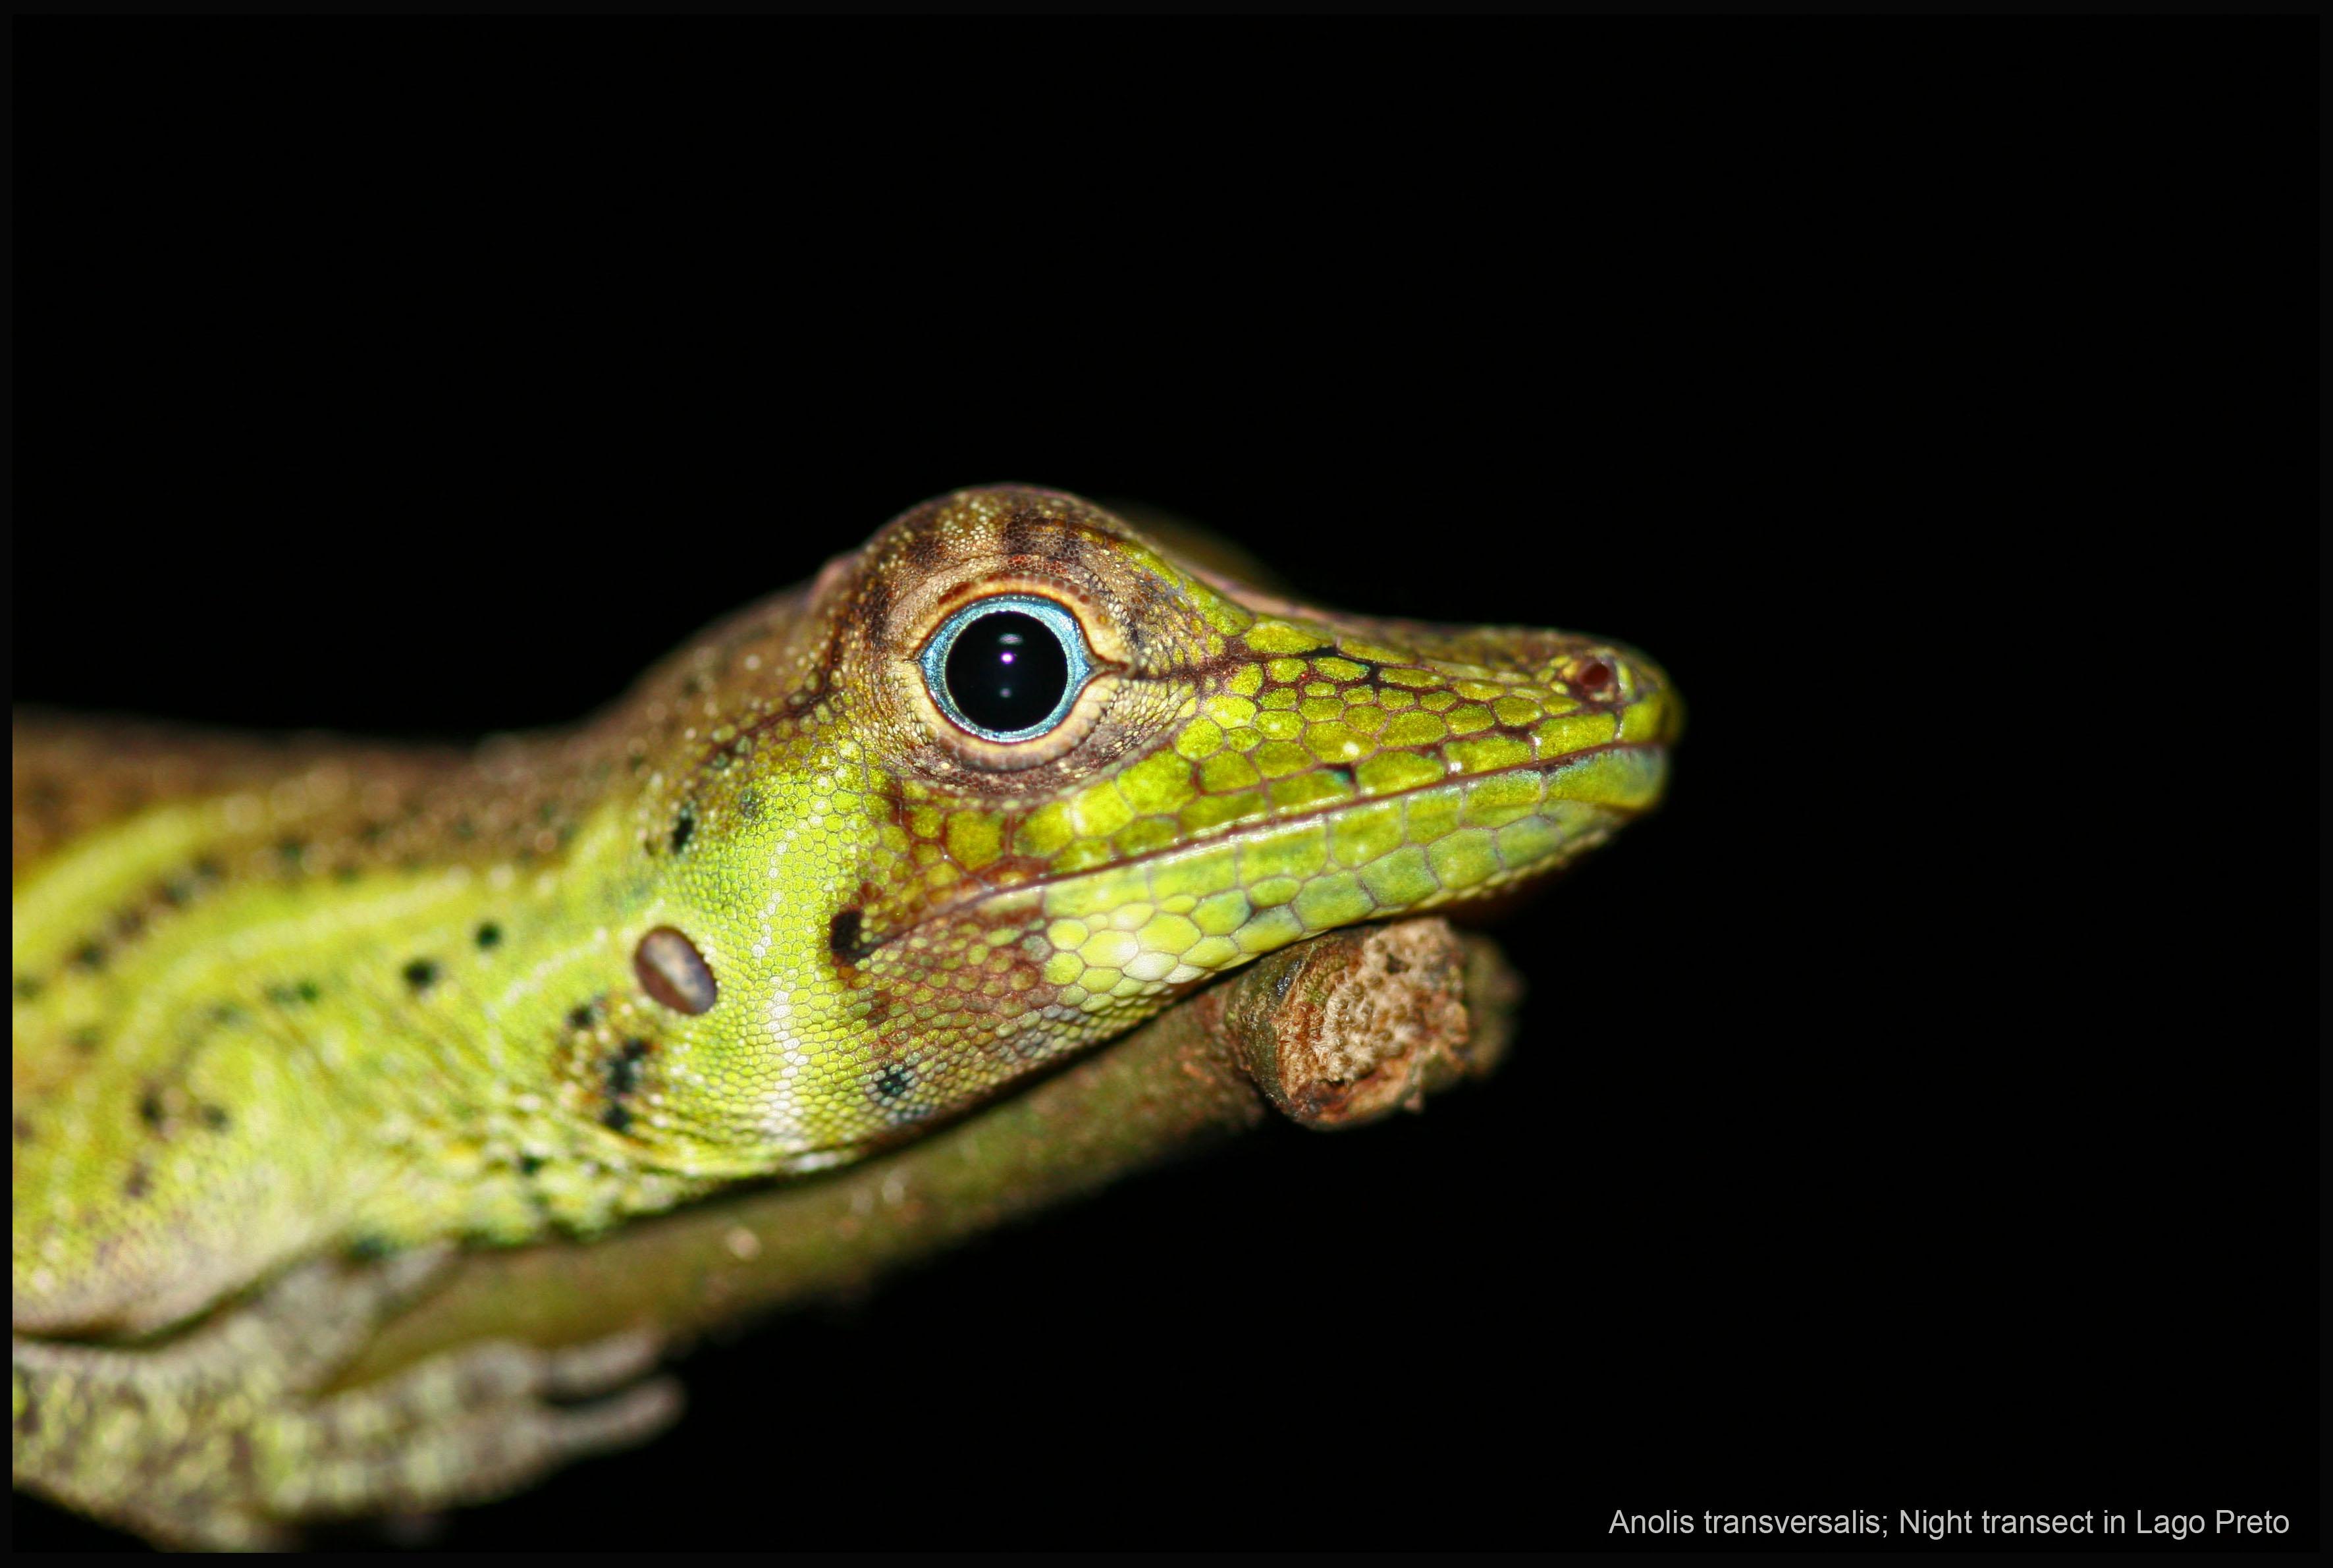 Lizard in the night